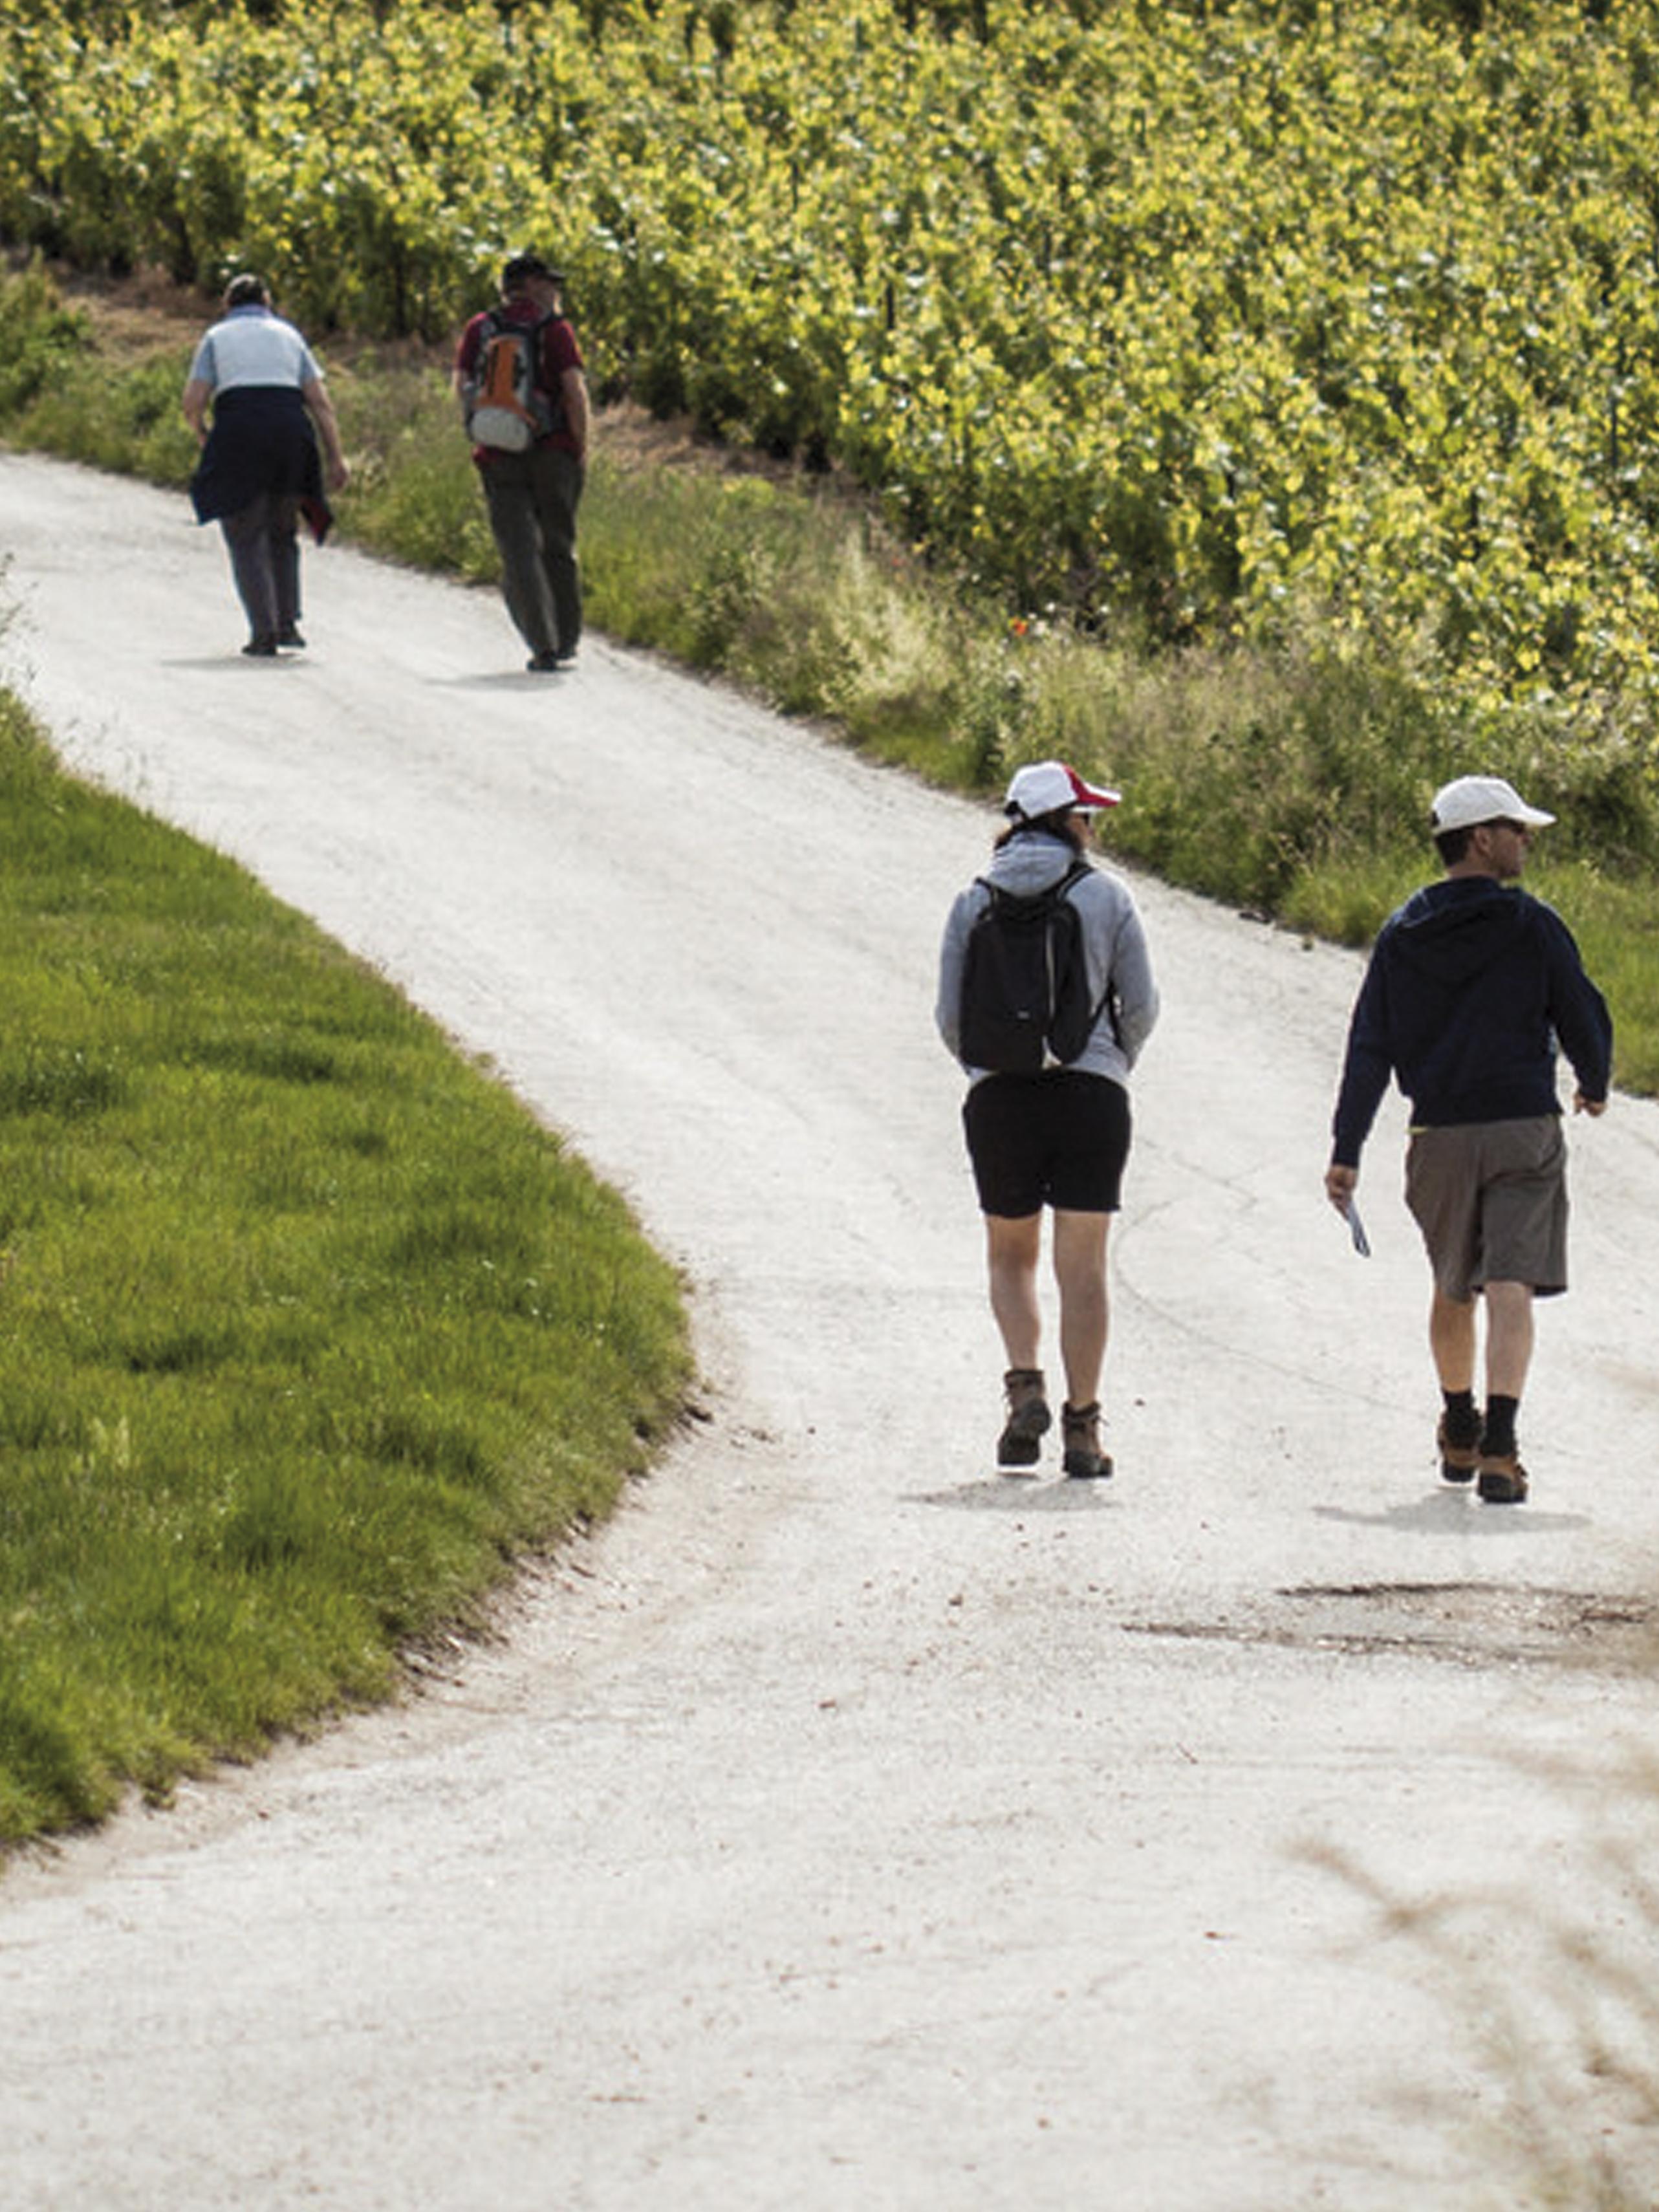 Randonneurs sur le sentier des loges de vigne à Trépail ©PNRMR